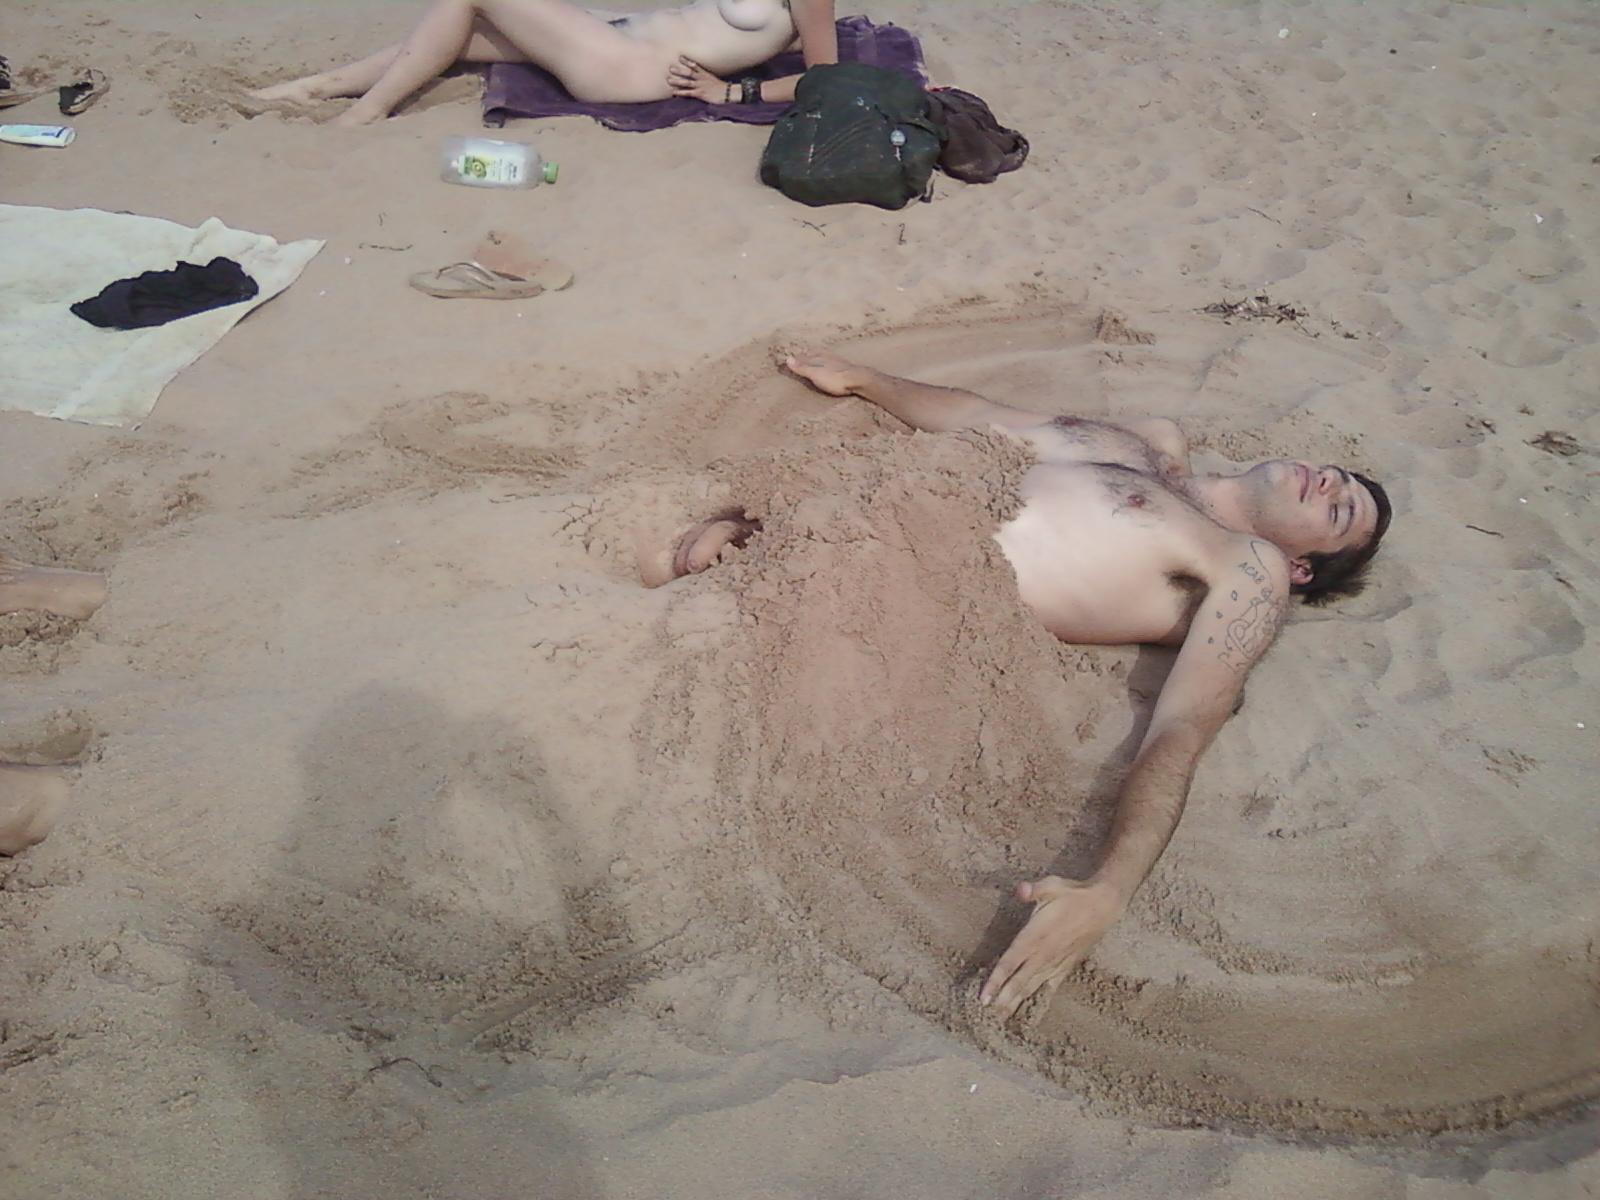 Beach on Nude buried girl